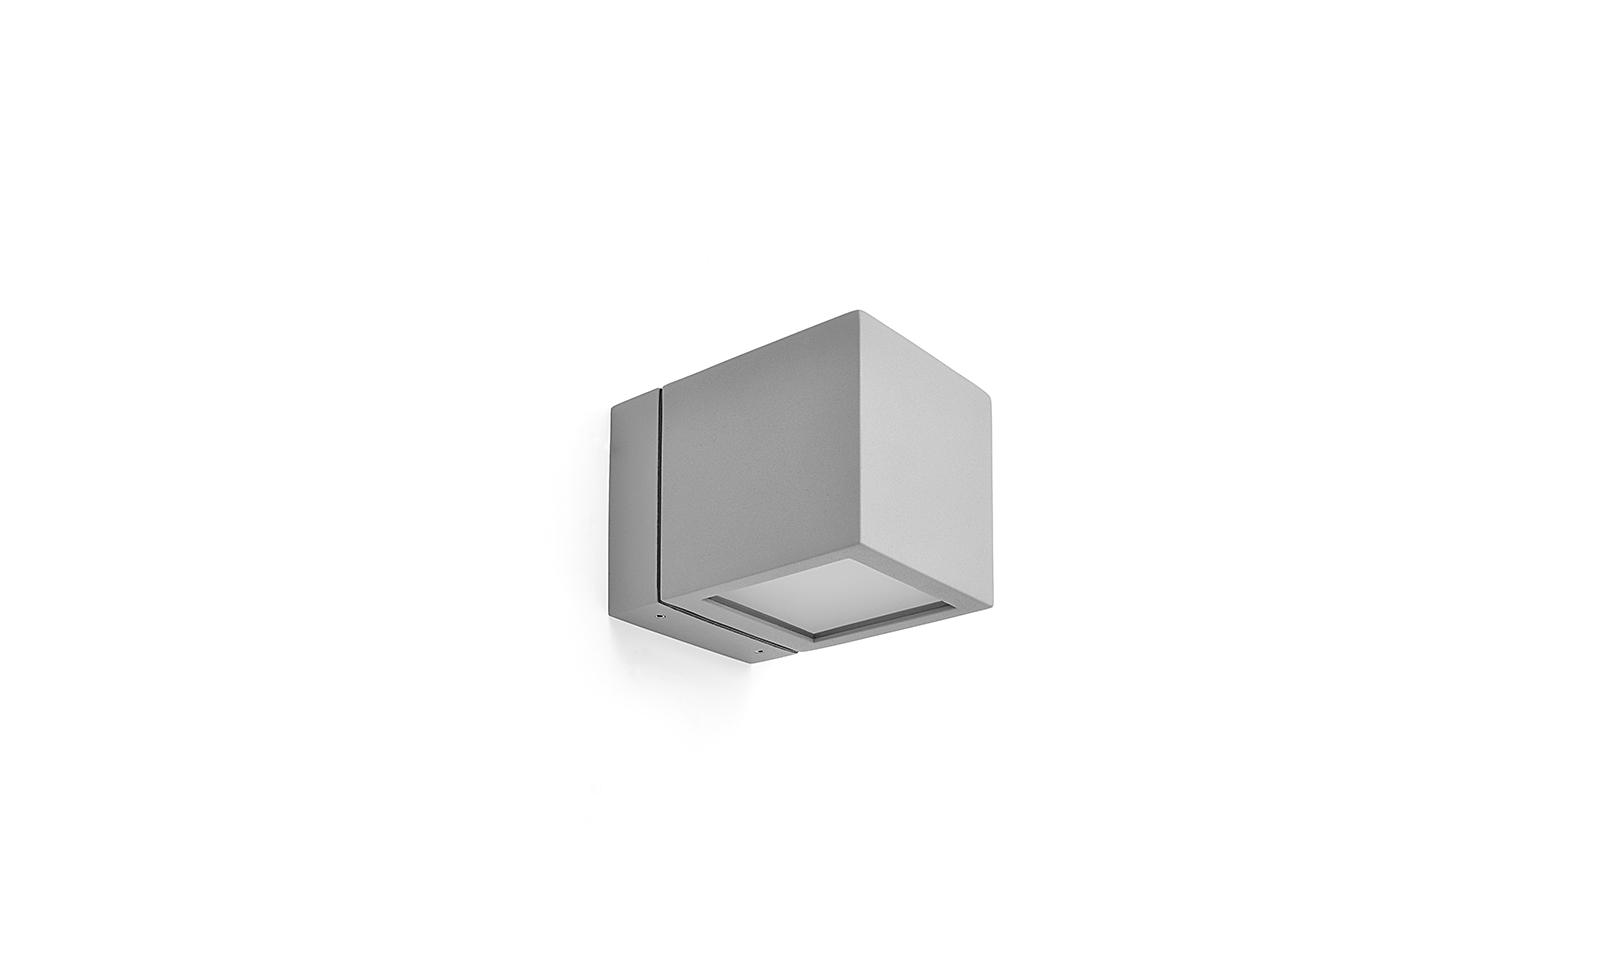 402202 CUBE 02 LED 2 x 7.5W 2